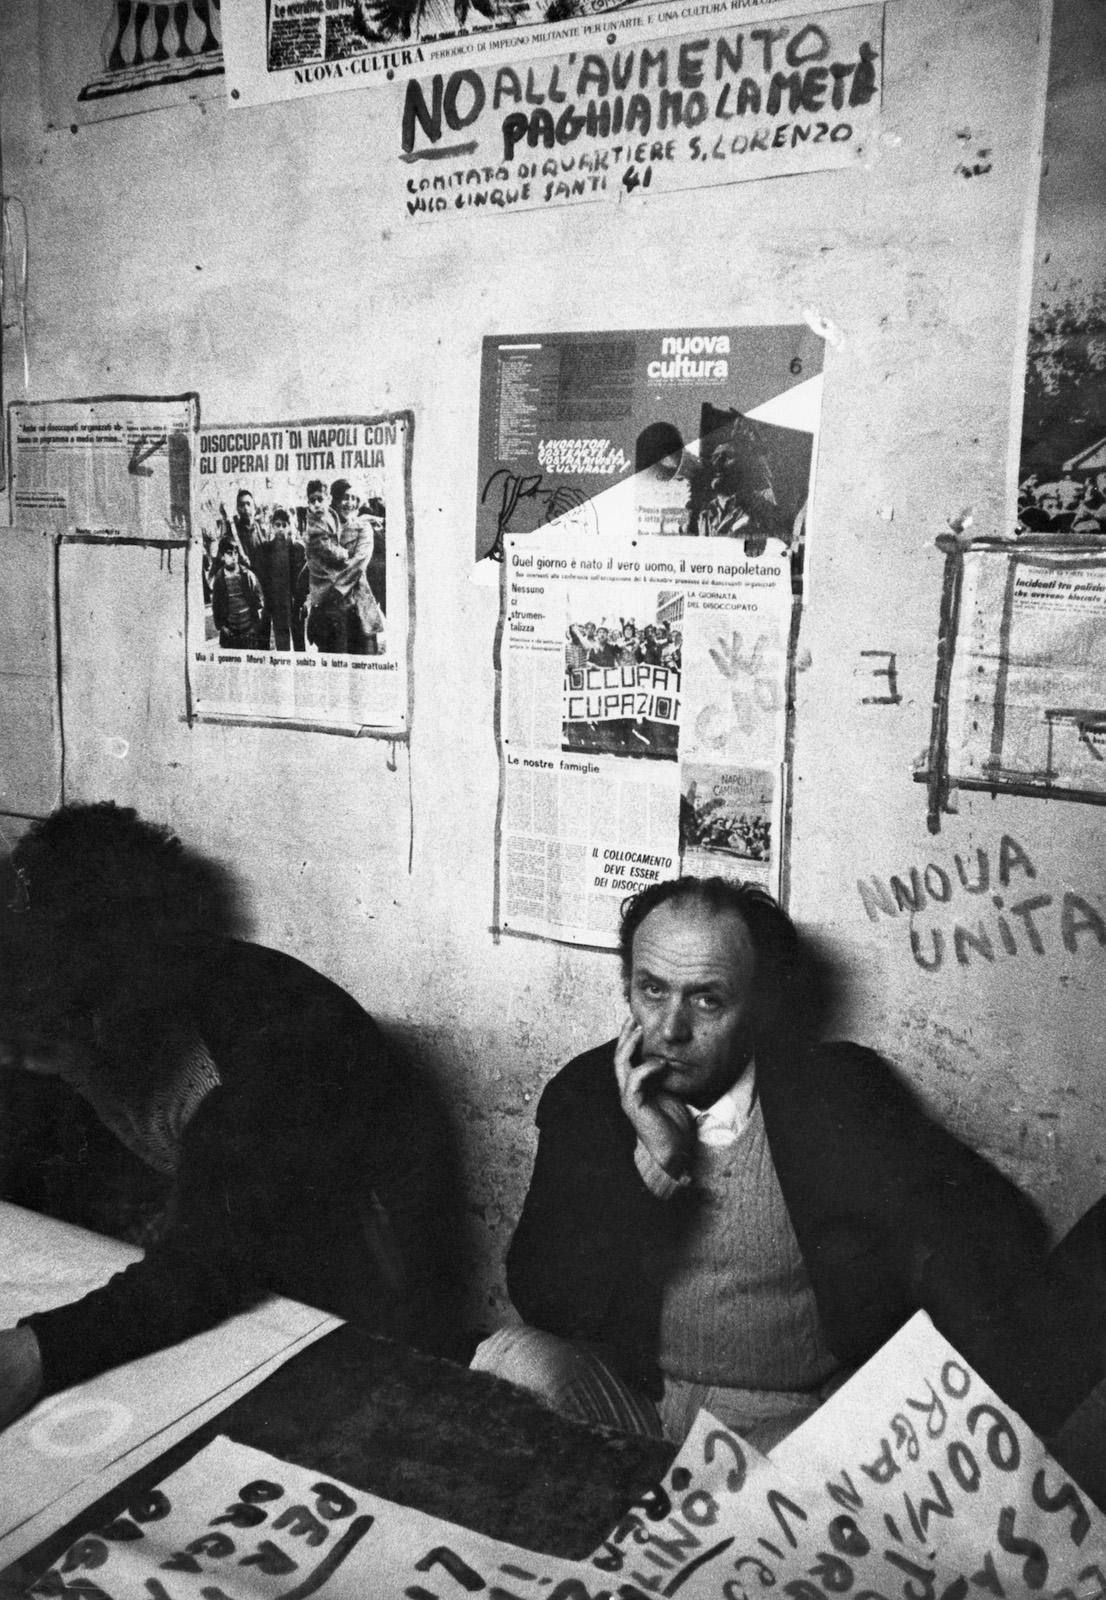 Uliano Lucas. Napoli. Sede dei disoccupati organizzati in vico Cinquesanti, nel quartiere San Lorenzo. 1978